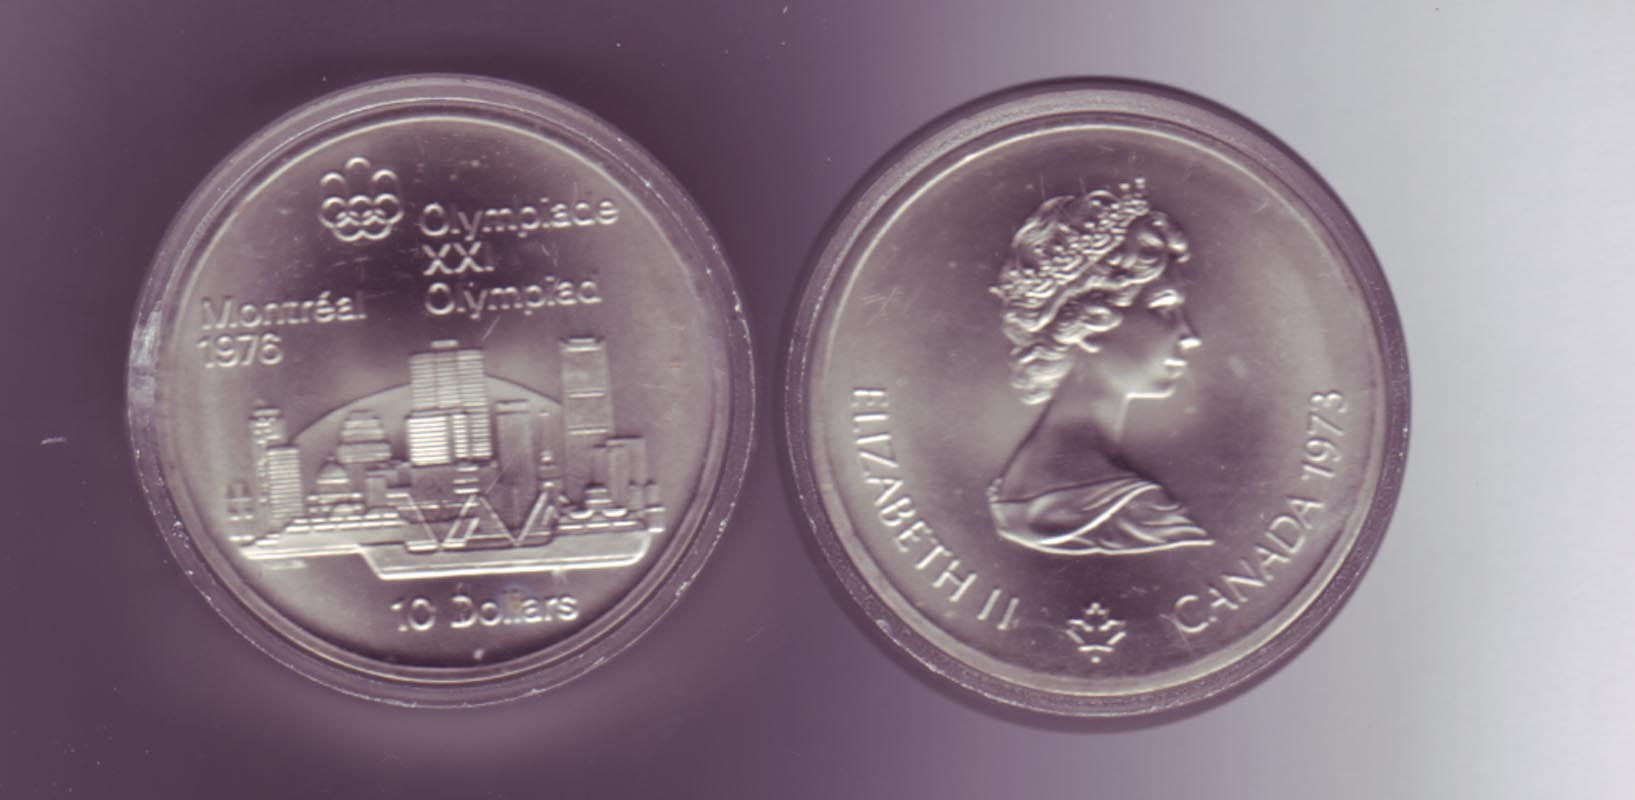 Silbermünze Kanada 10 Dollars Olympiade Montreal 1976 Skyline